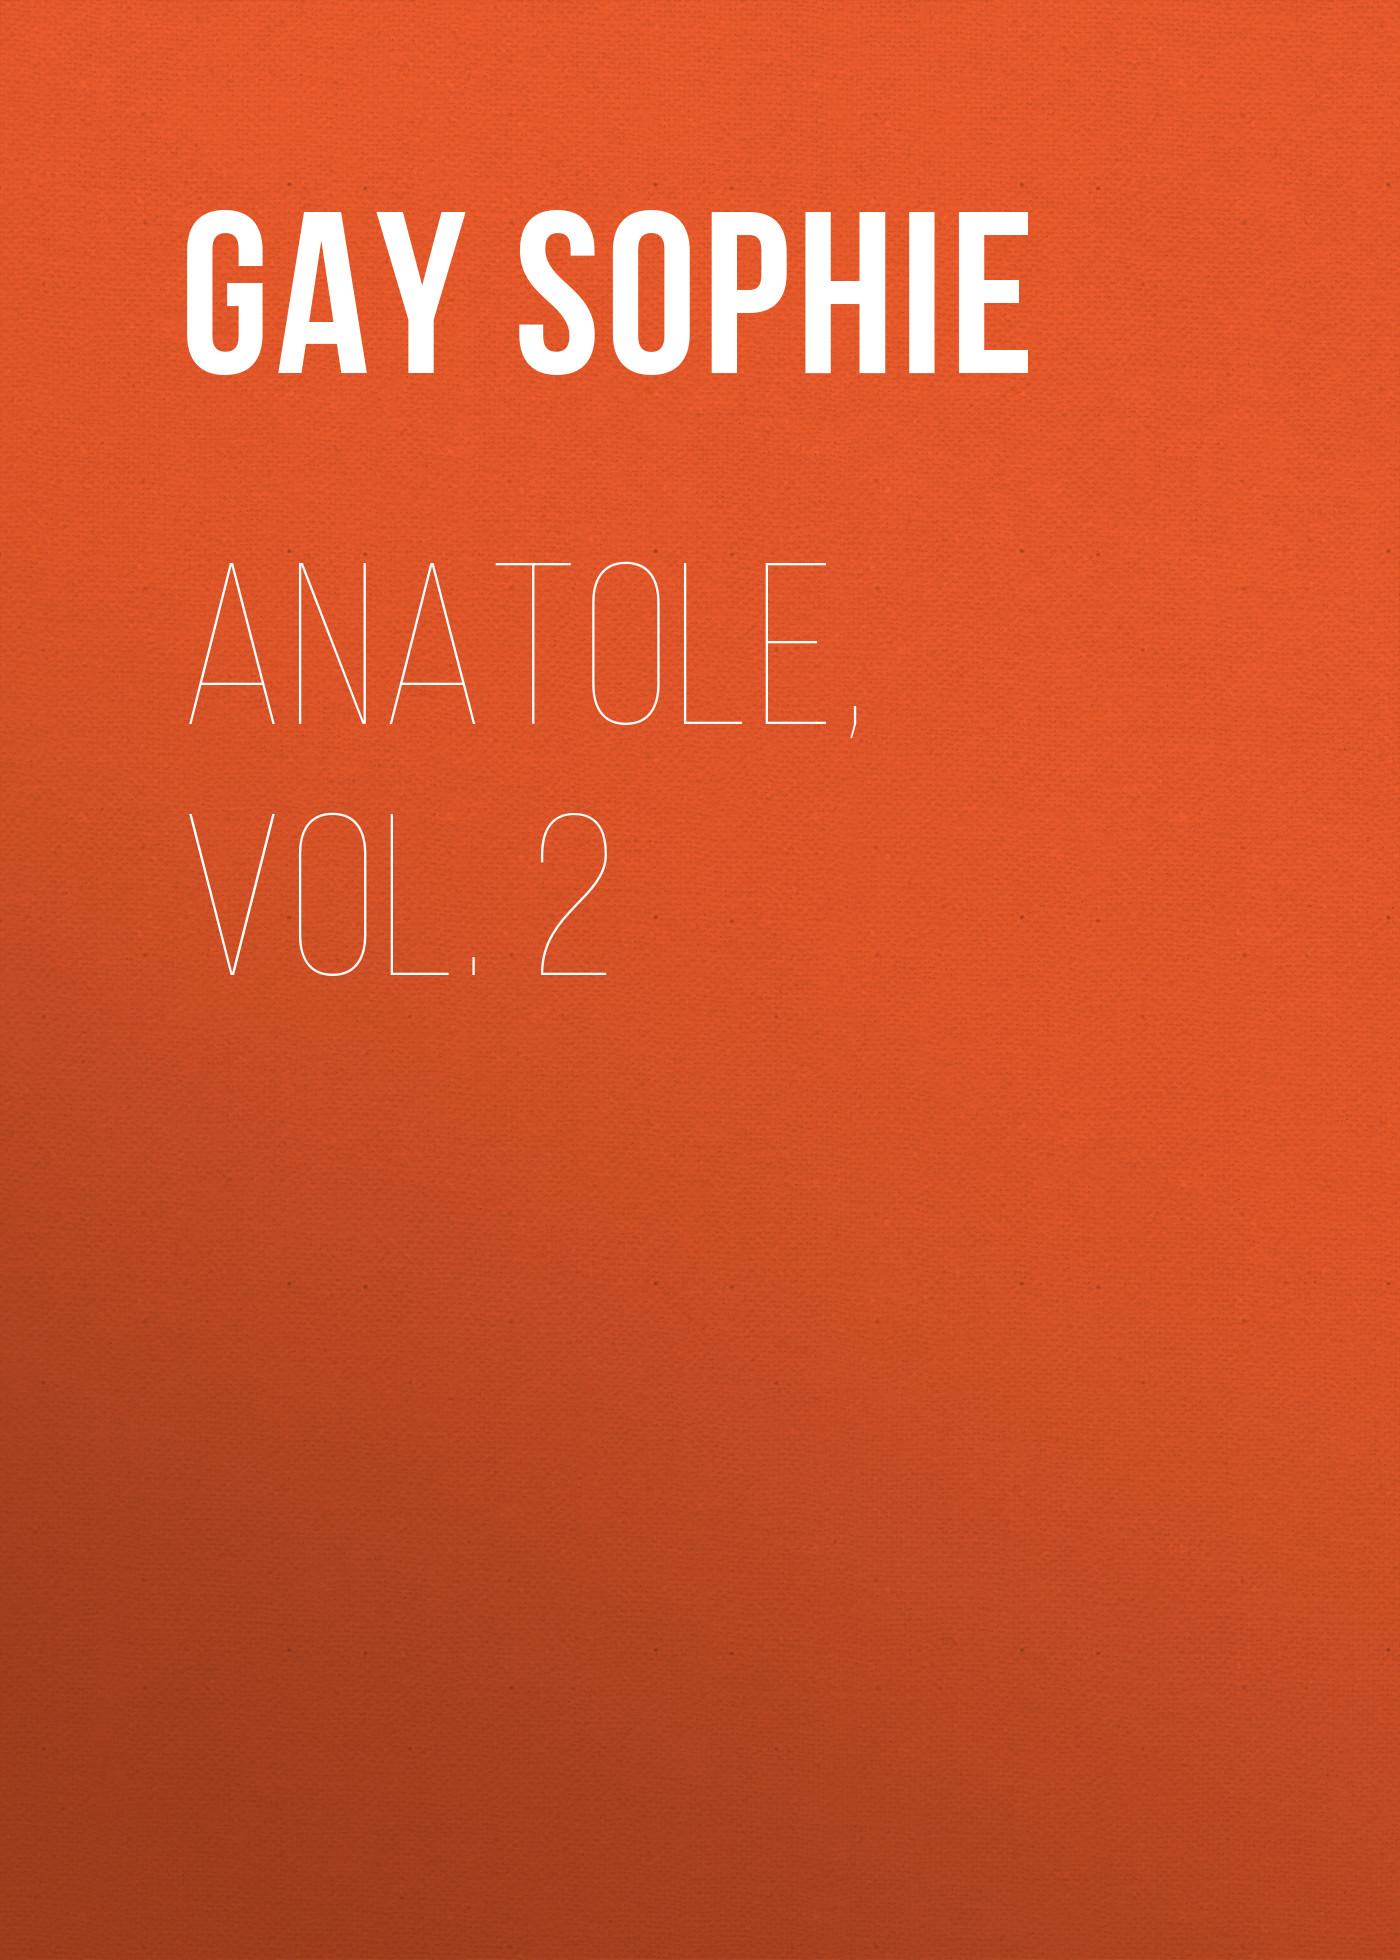 Gay Sophie Anatole, Vol. 2 gay happening vol 20